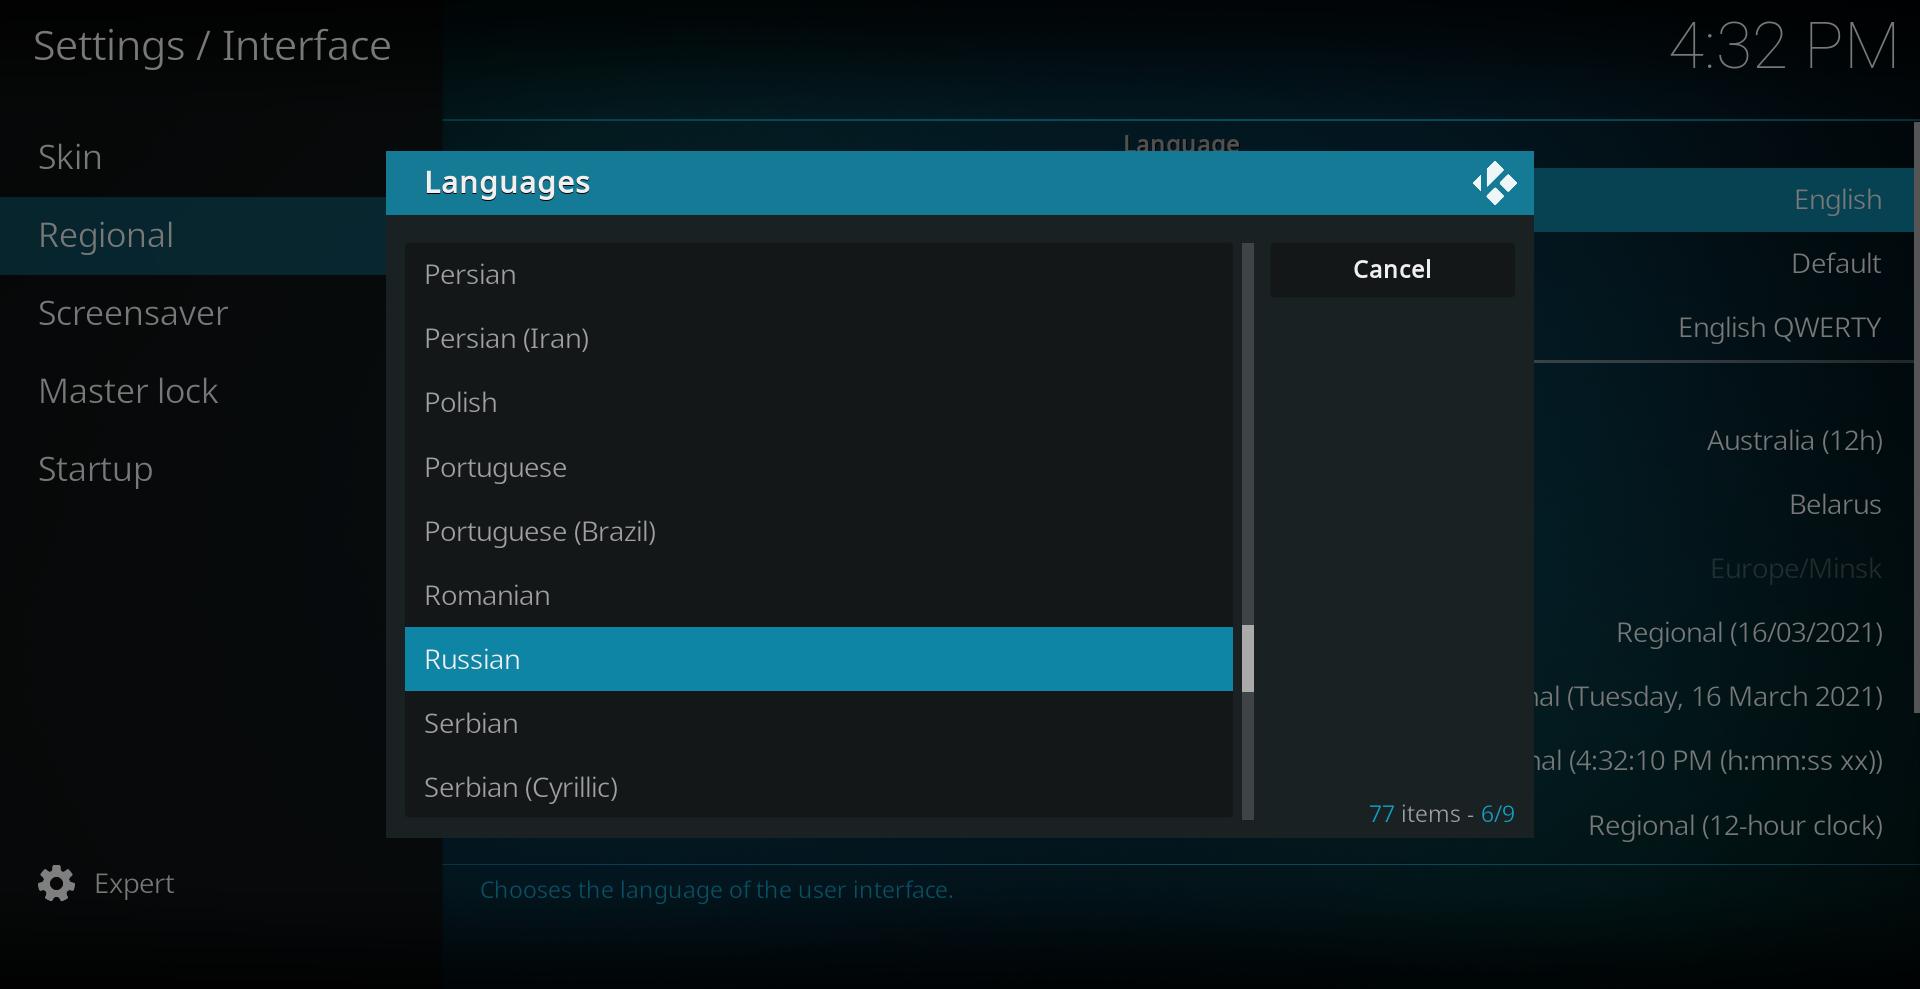 Settings/Interface/Regional/Russian